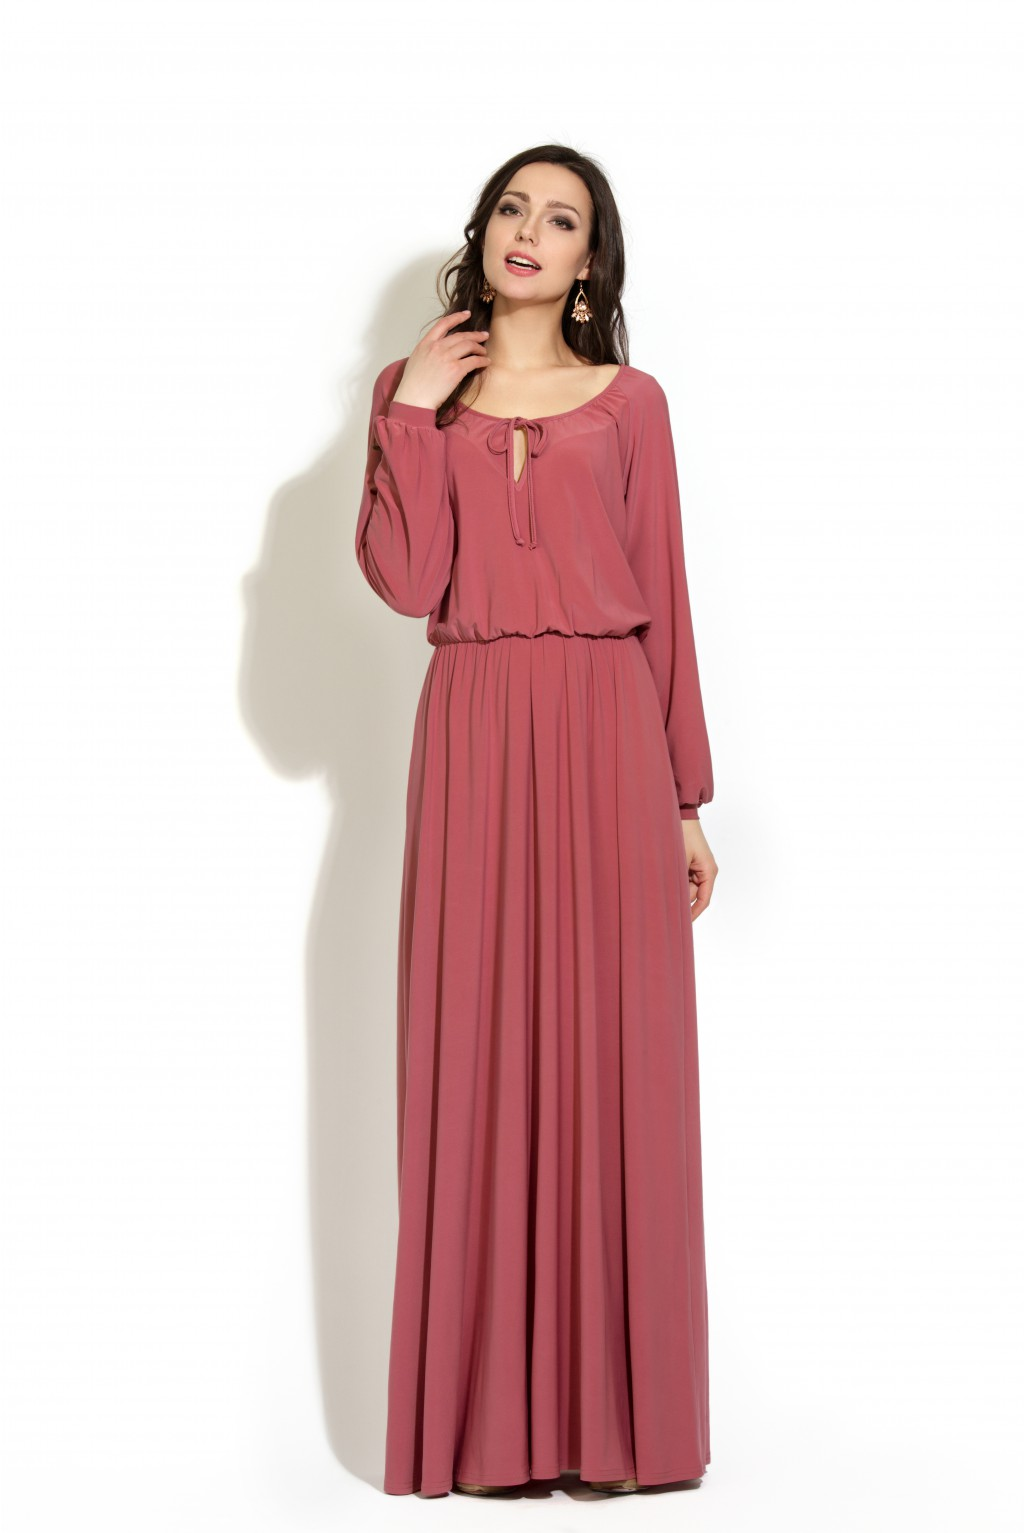 Сбор заказов. Donna Saggia - 56. Одежда для изящных модниц. Огромный выбор стильных платьев, юбок, блузок! Новая